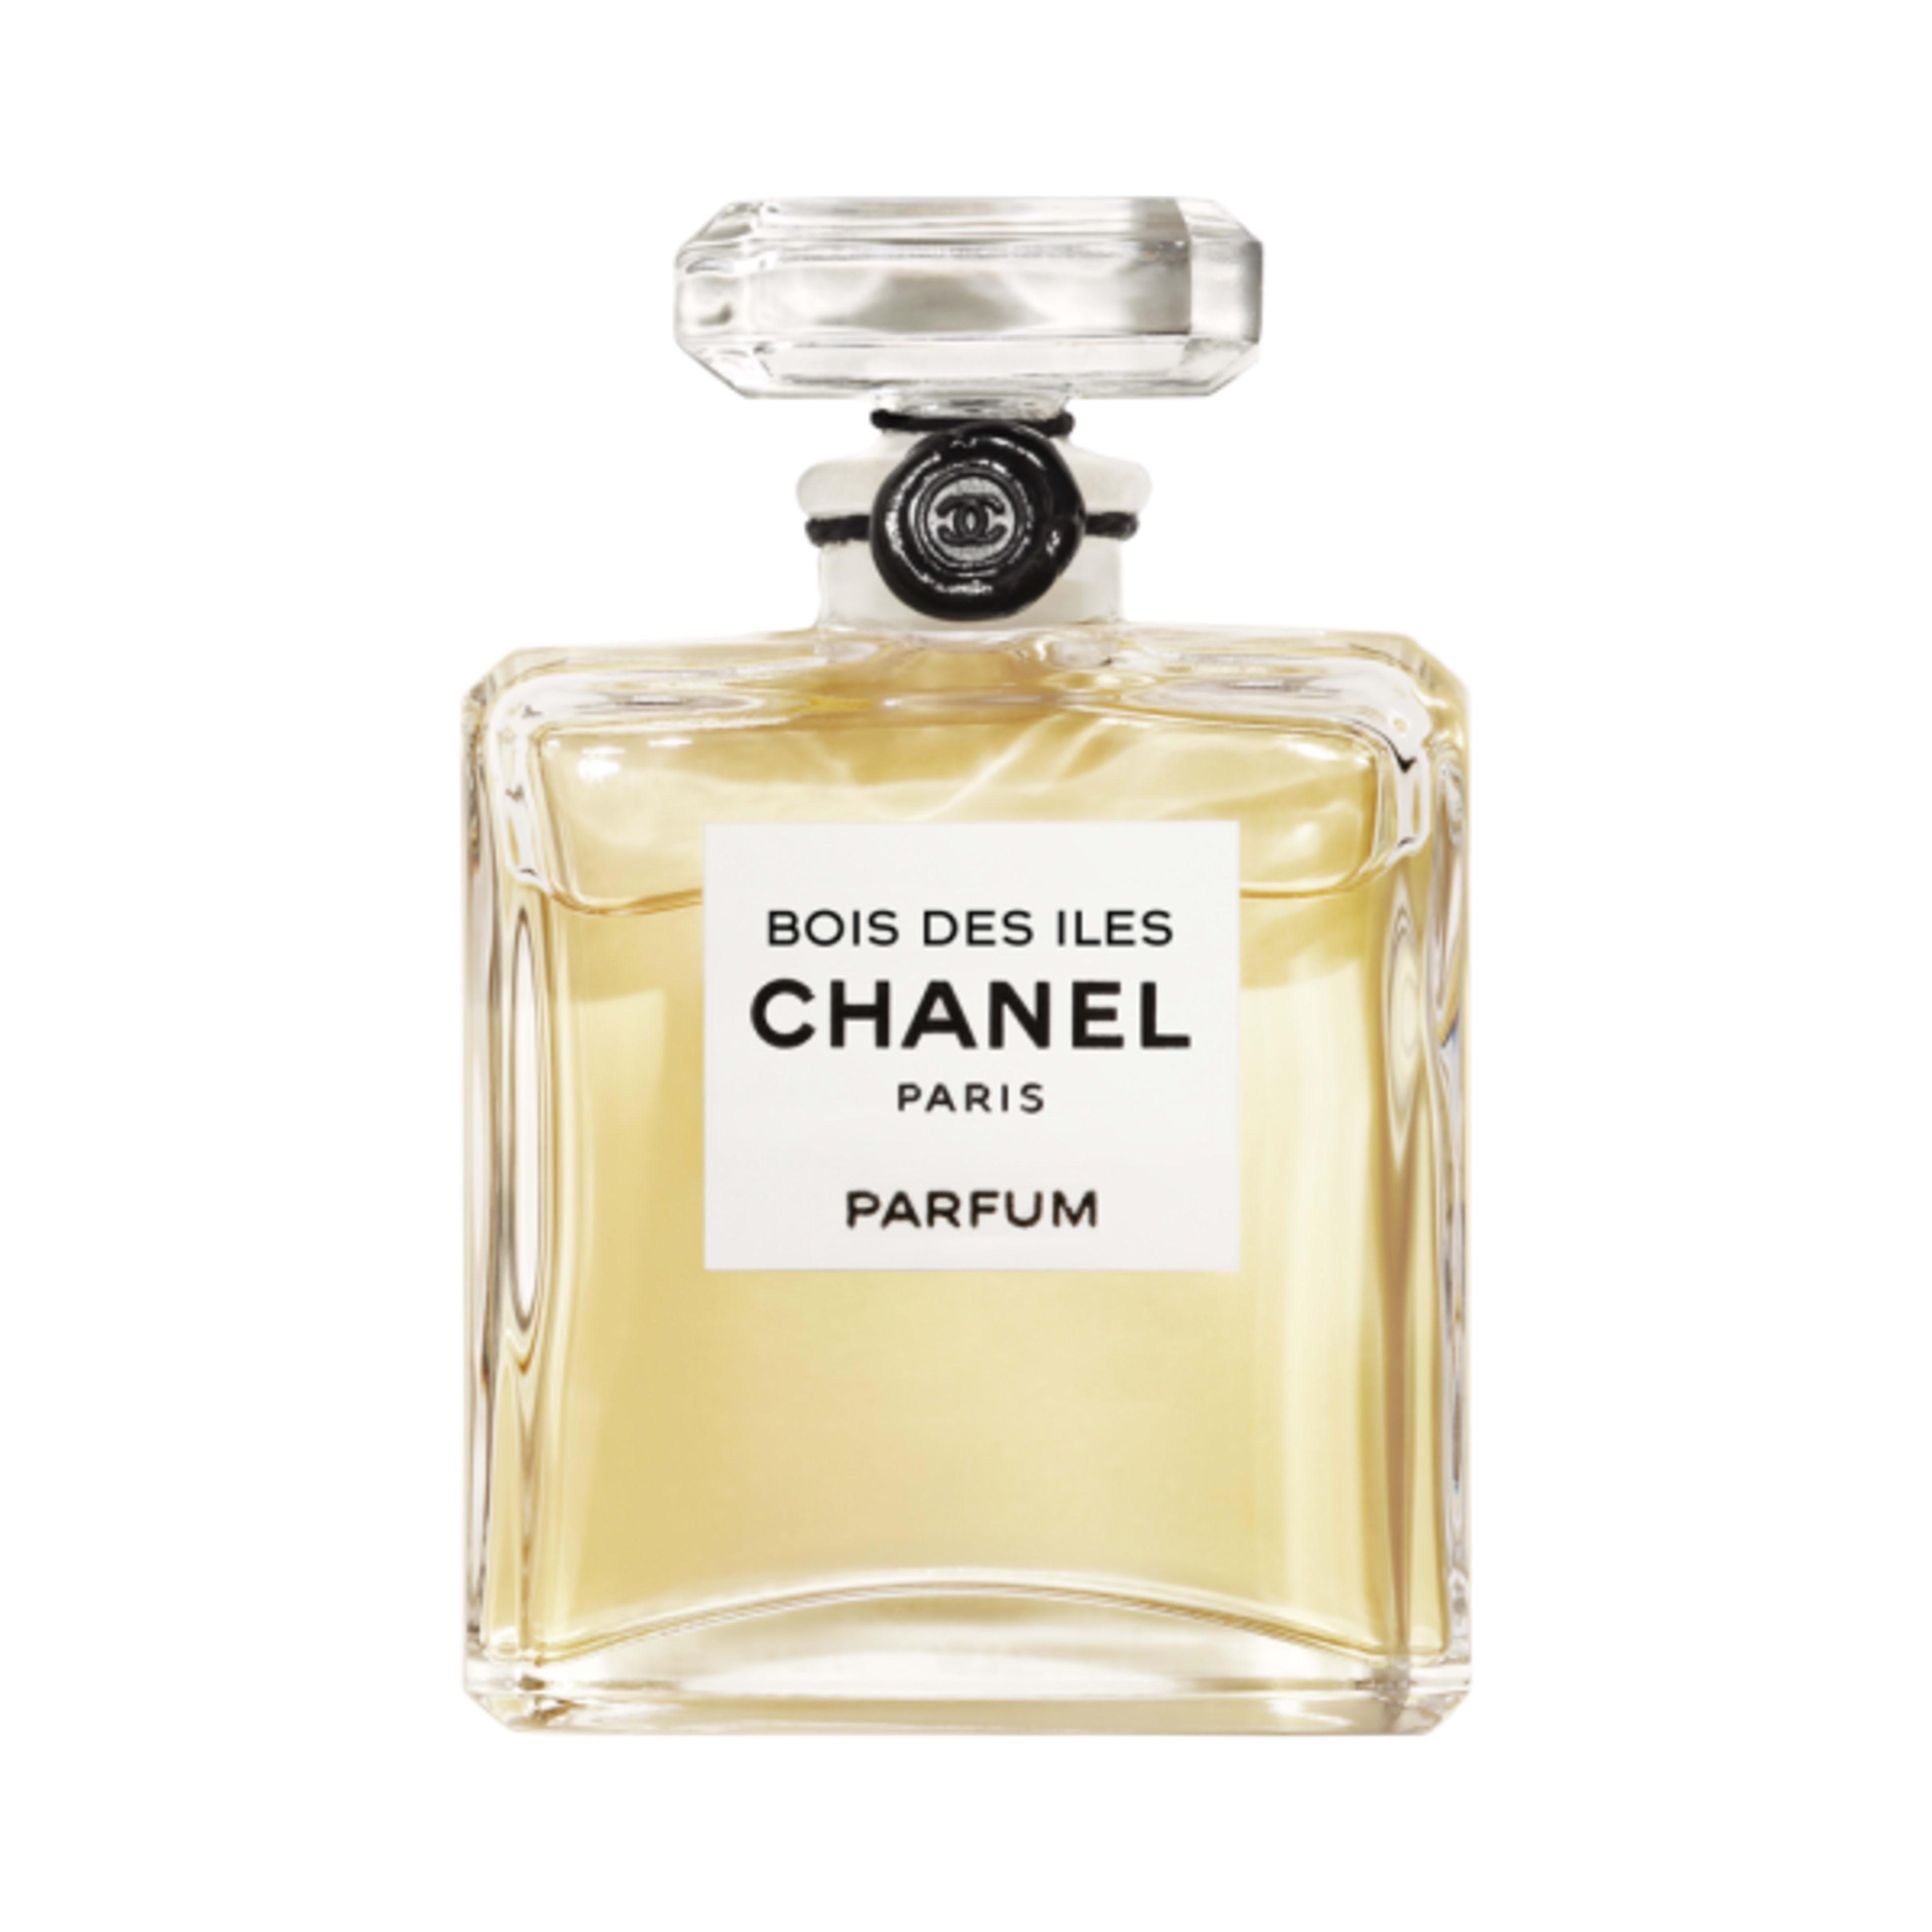 Rendez Vous D'helene Parfums Les Parfums Les dxhBQrtsCo